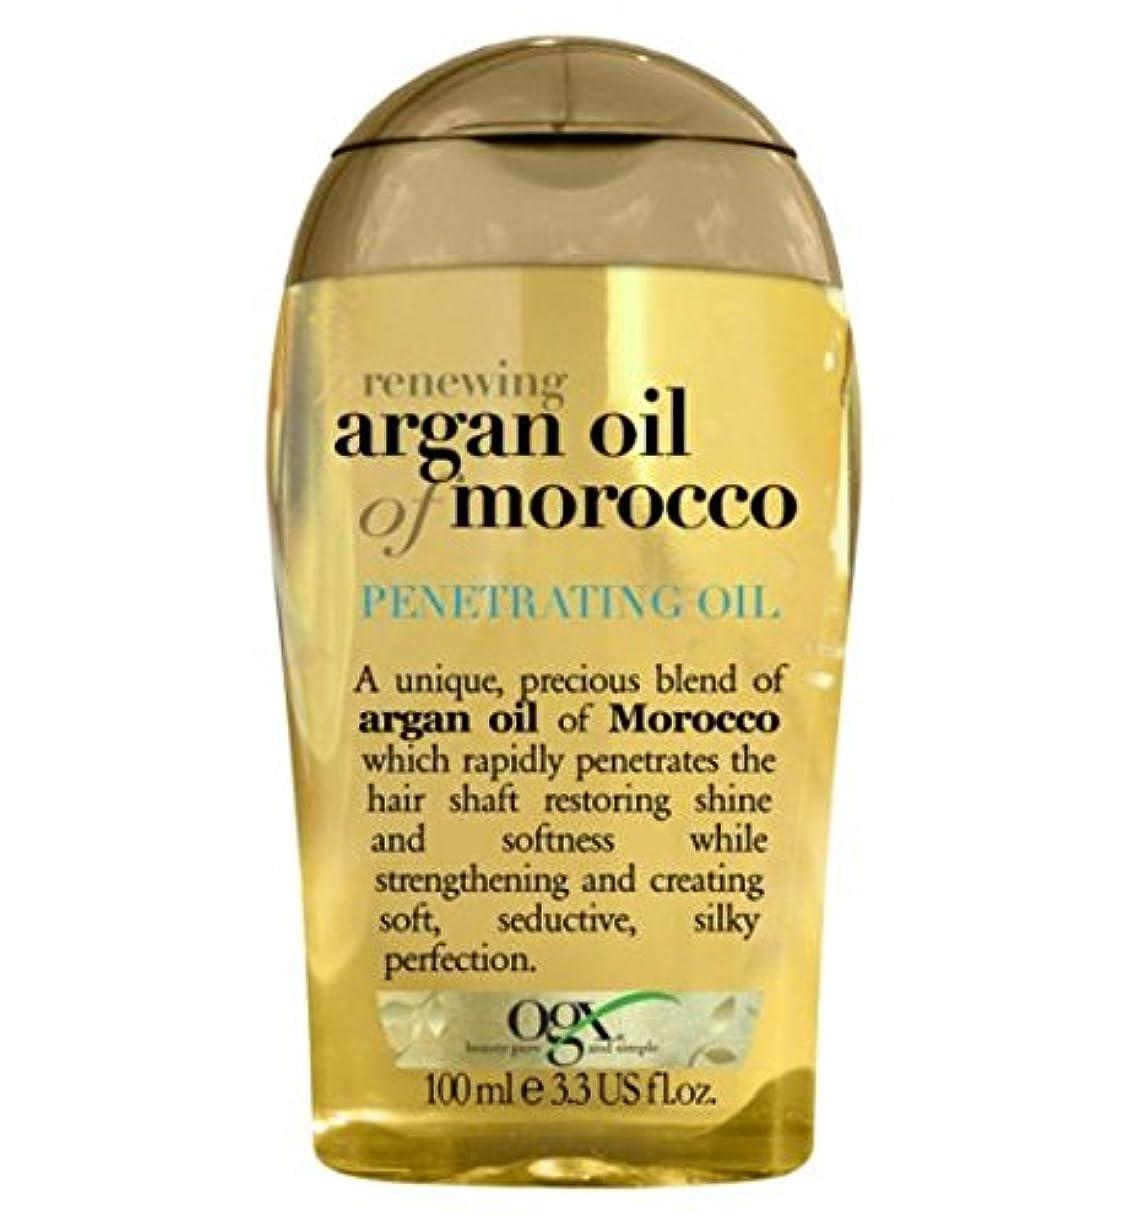 断言するコンドームプレビスサイトOrganix Moroccan Argan Oil Penetrating Oil 100 ml (並行輸入品)